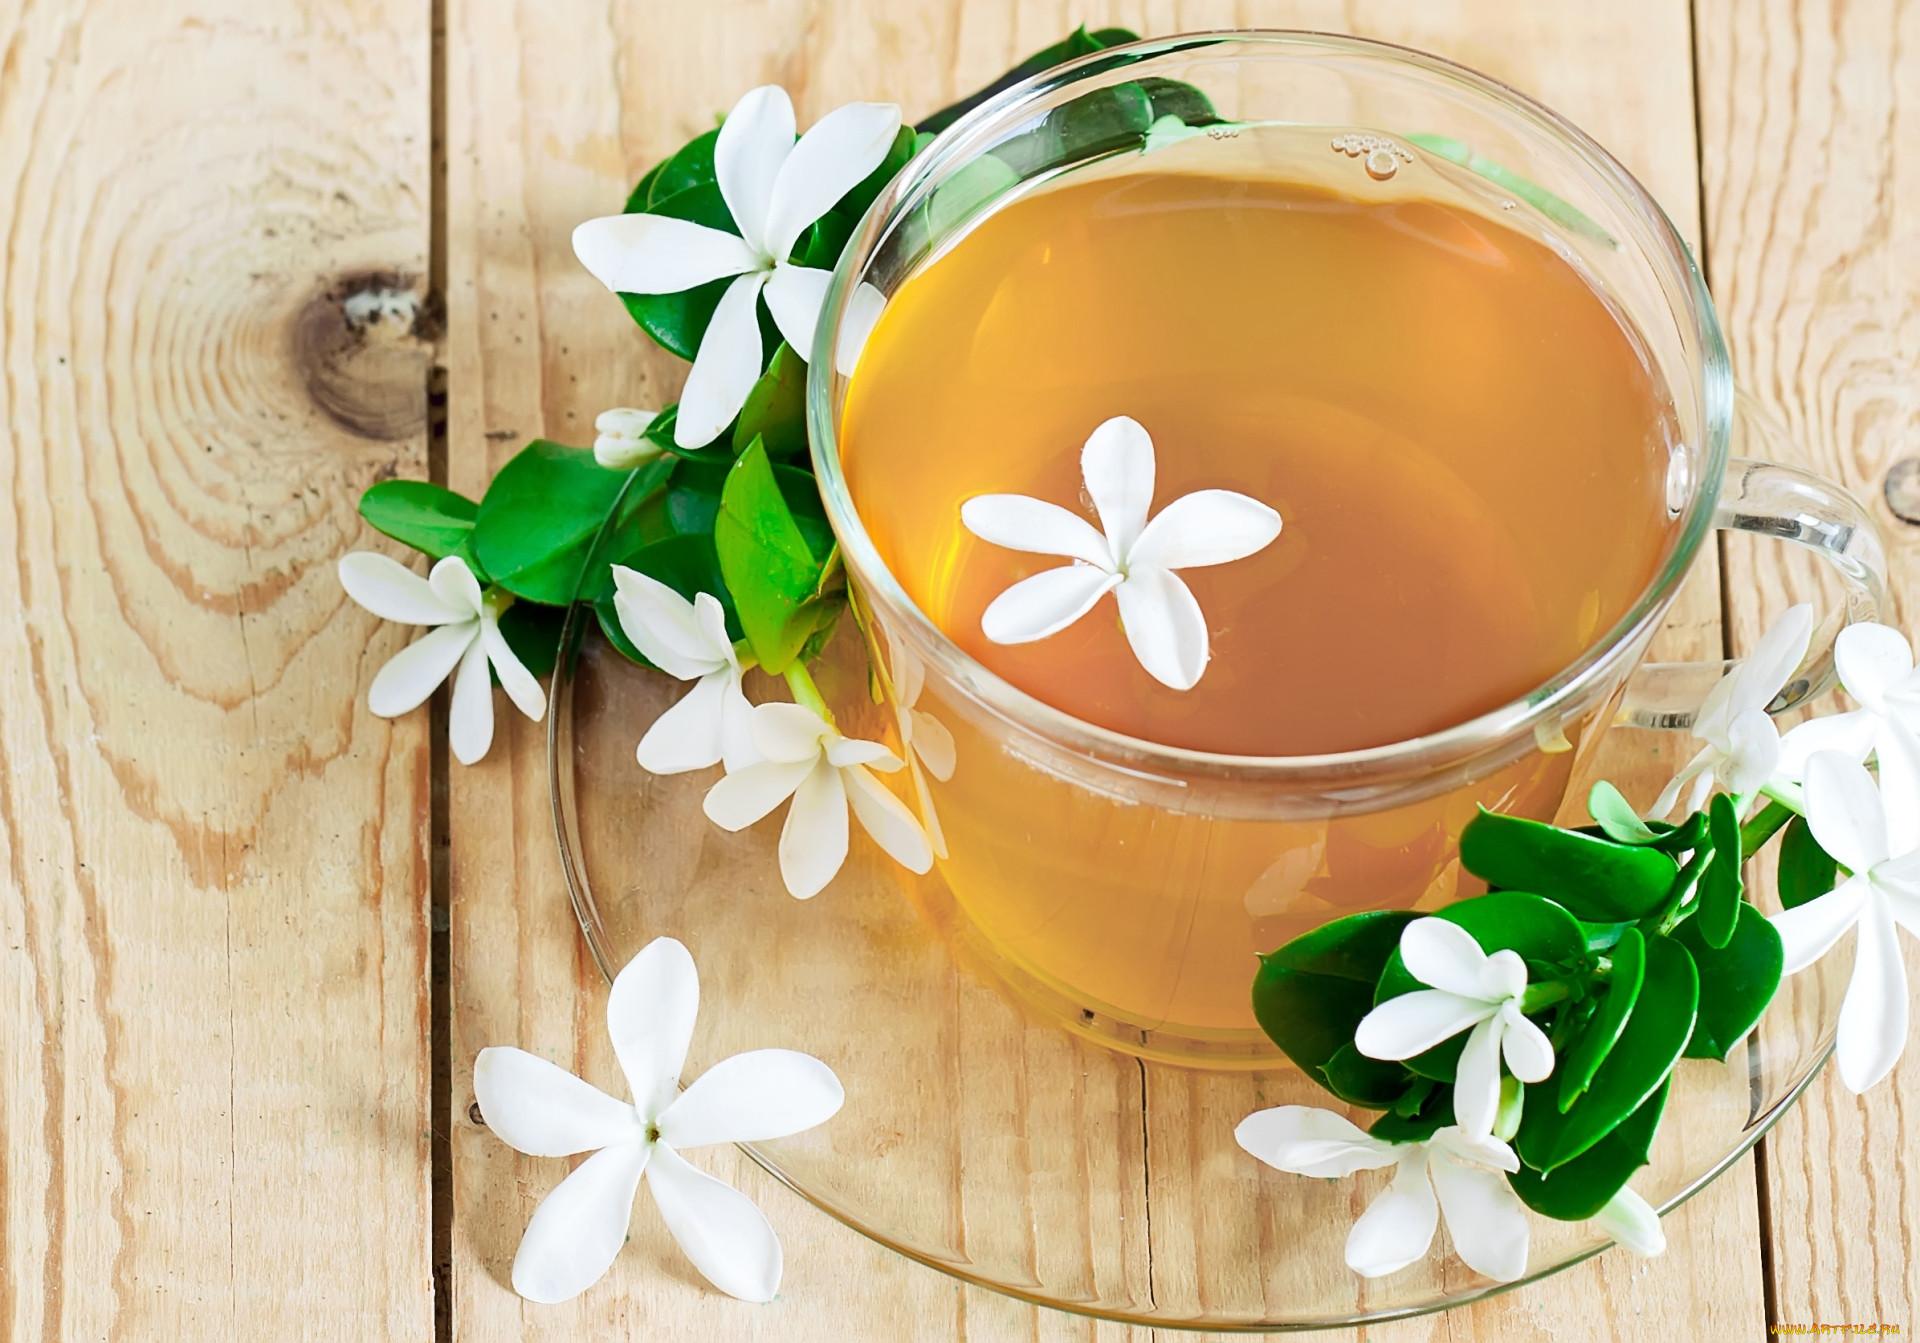 Благодаря жасминовому чаю я повысила свой иммунитет. Делюсь своим опытом.